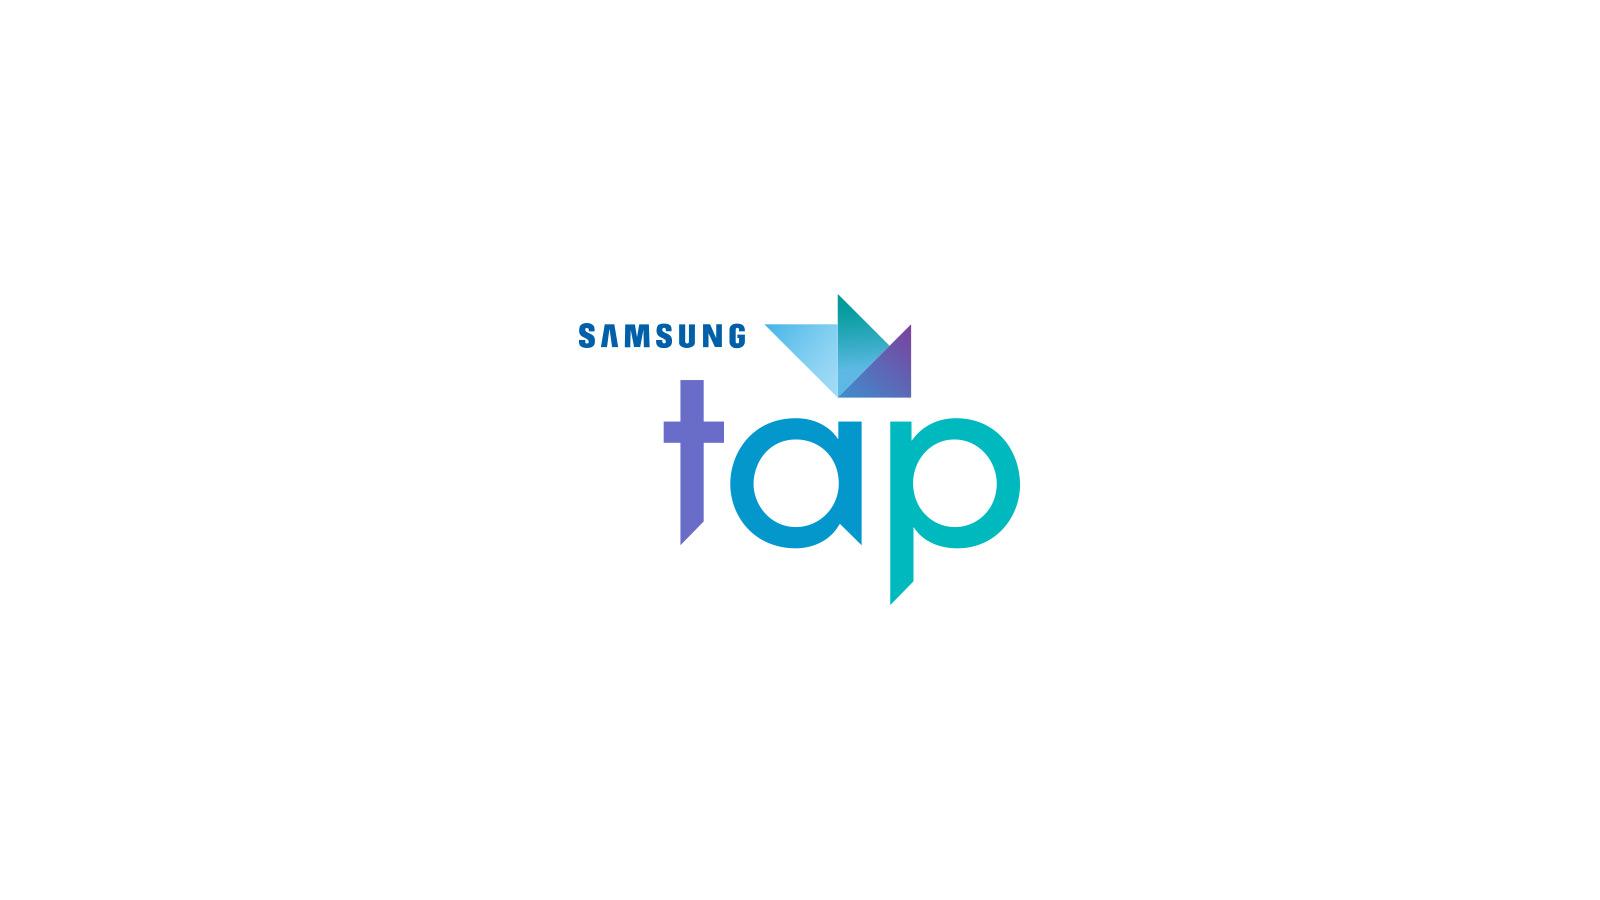 Samsung Tap on White